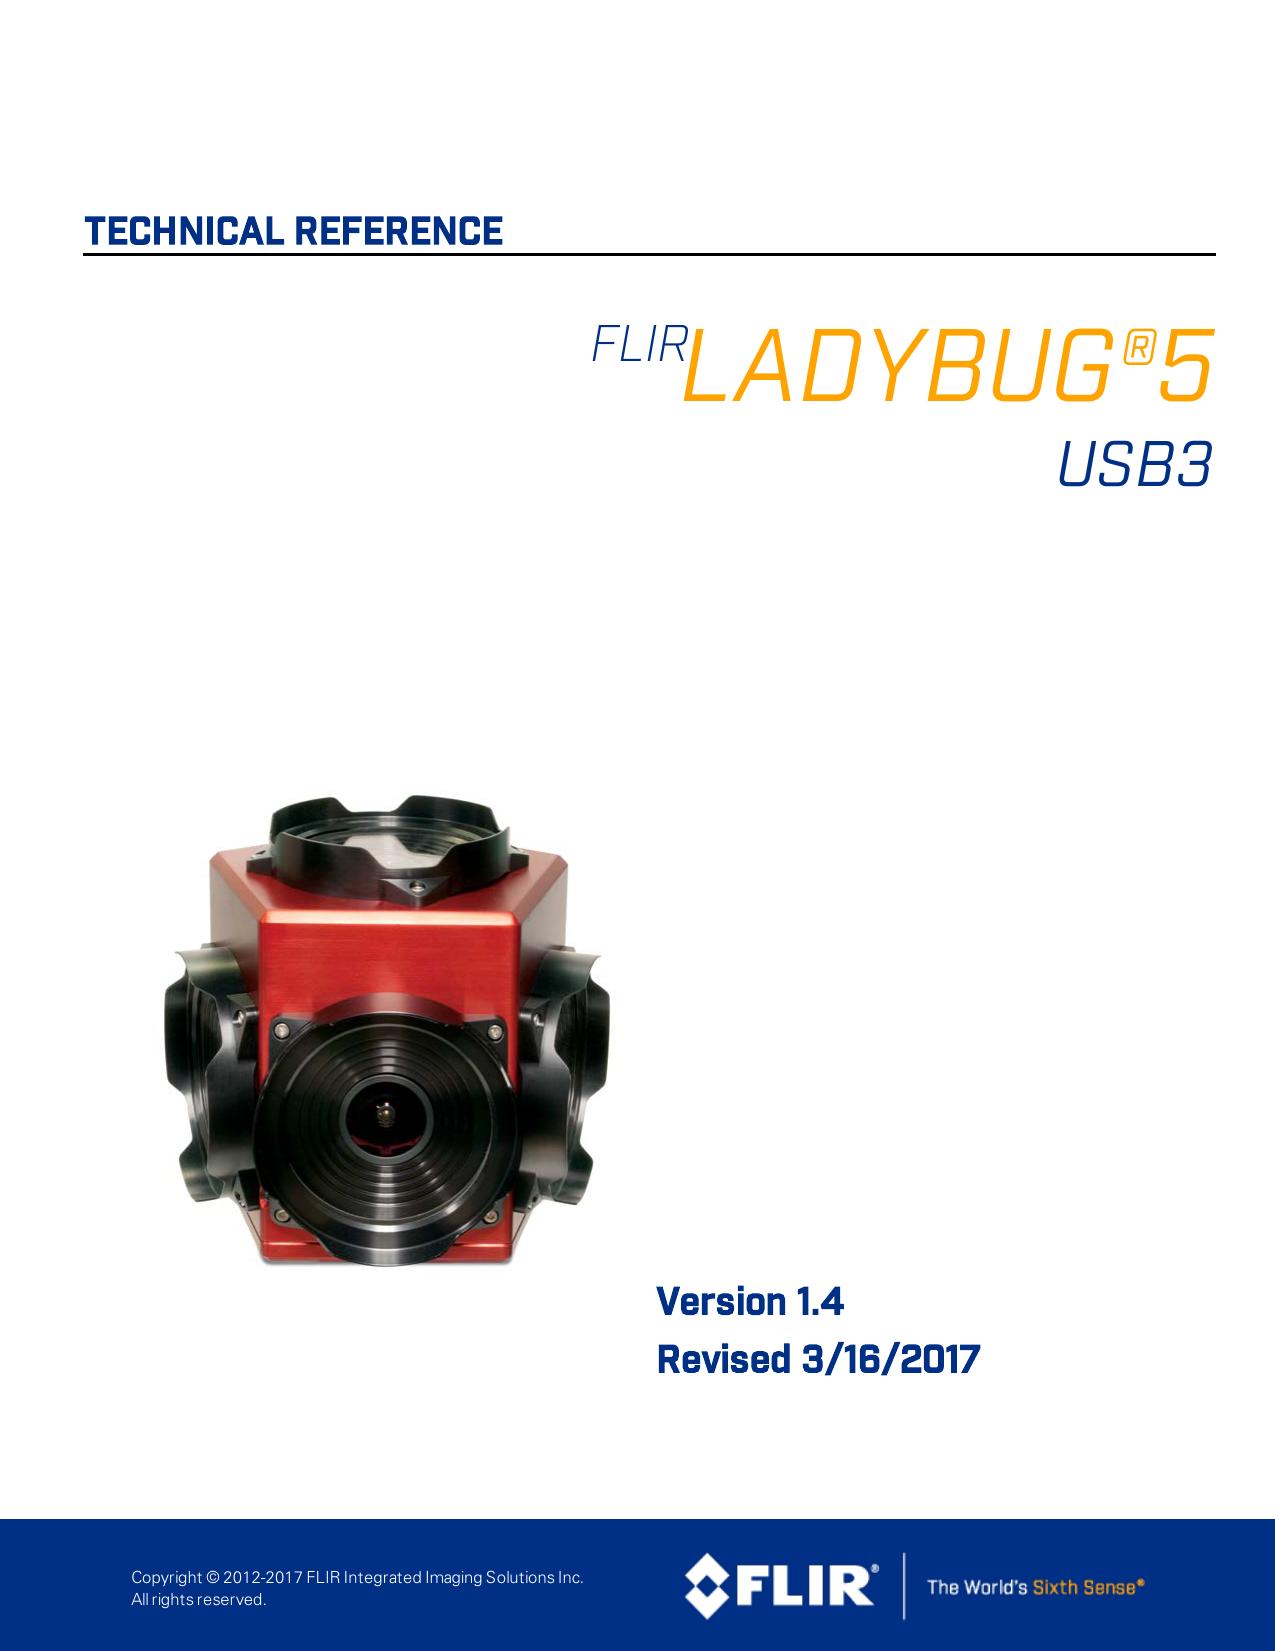 Ladybug5 Technical Reference Manual | manualzz com